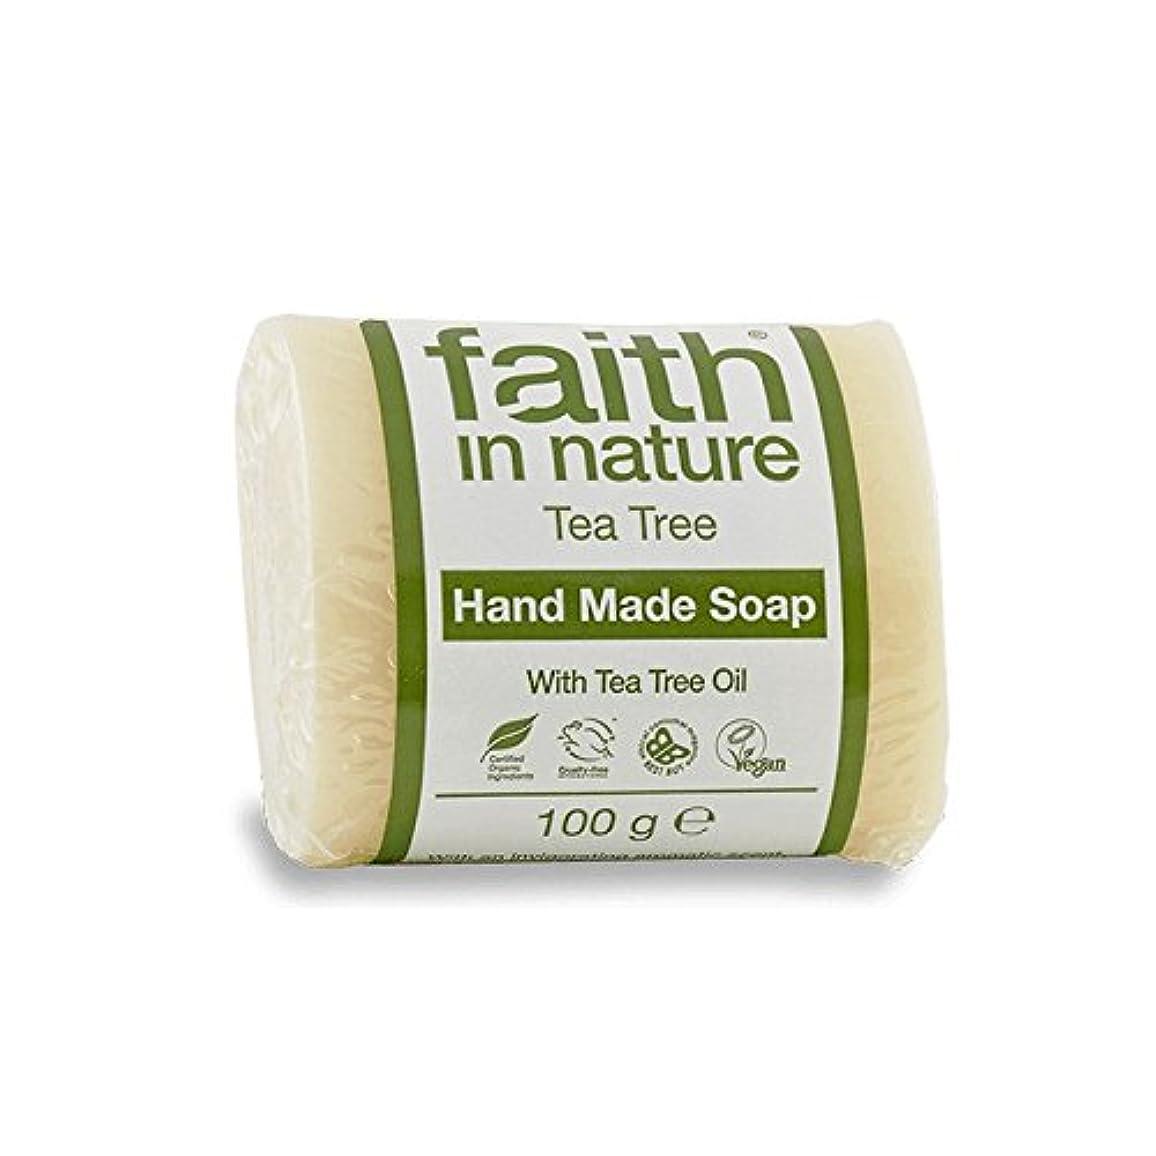 ビーチ貸す最少自然のティーツリーソープ100グラムの信仰 - Faith in Nature Tea Tree Soap 100g (Faith in Nature) [並行輸入品]